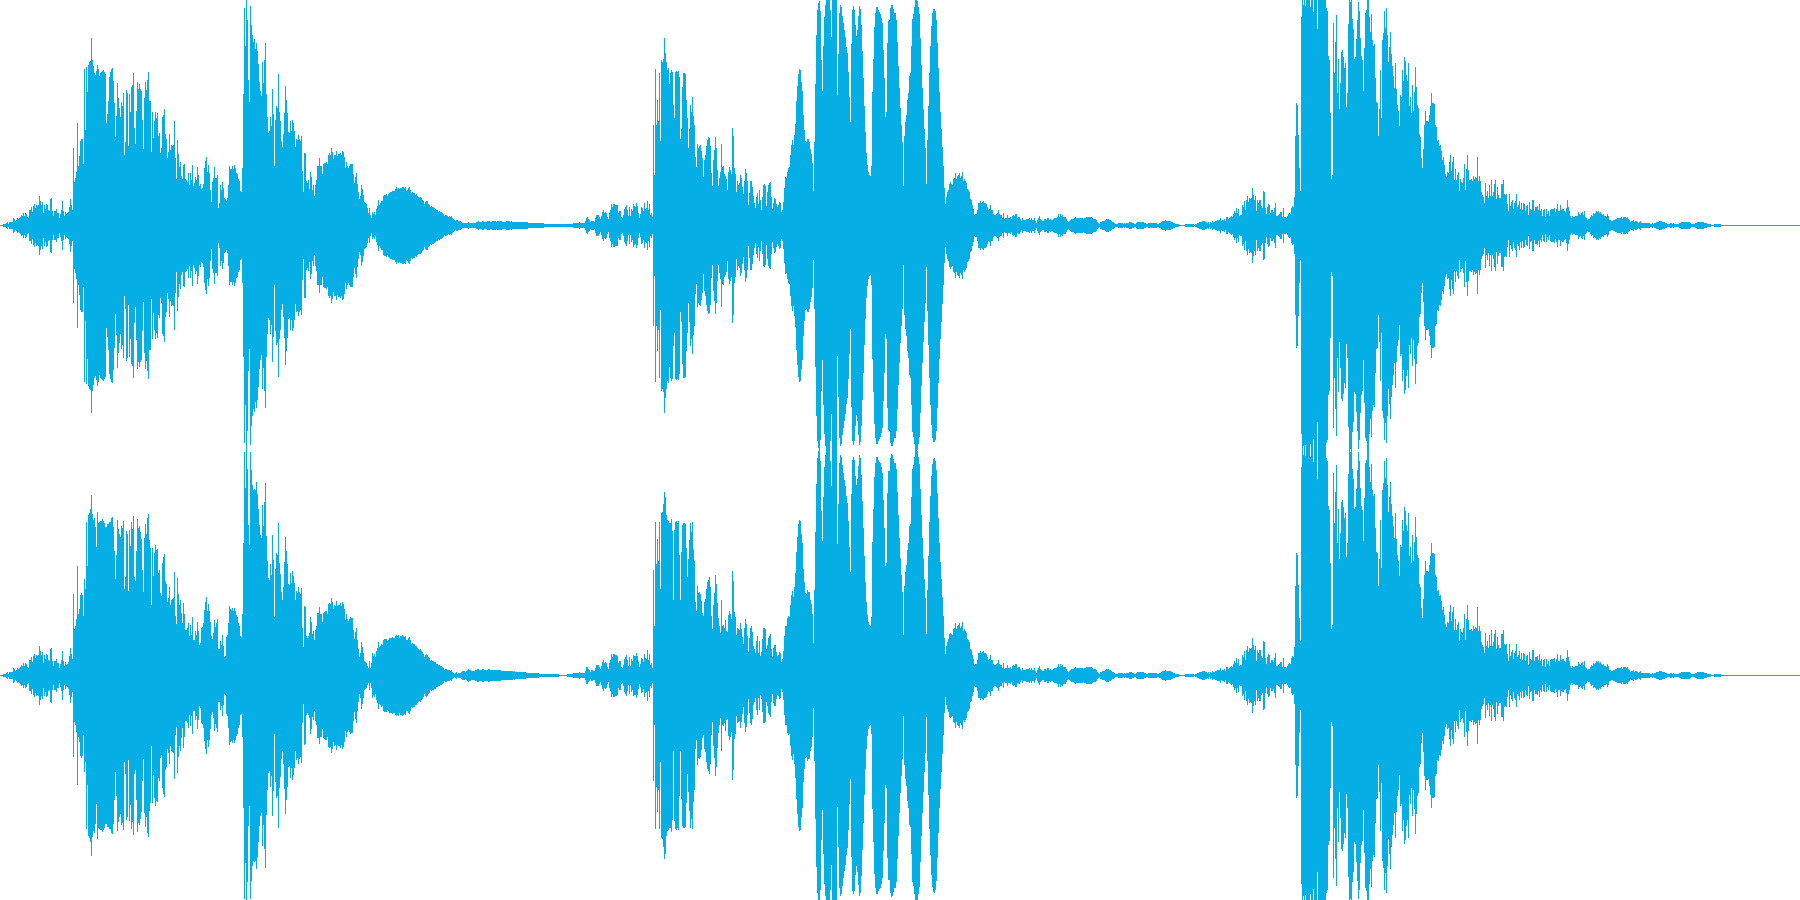 打撃 パンチ&キックの5ヒットコンボの再生済みの波形